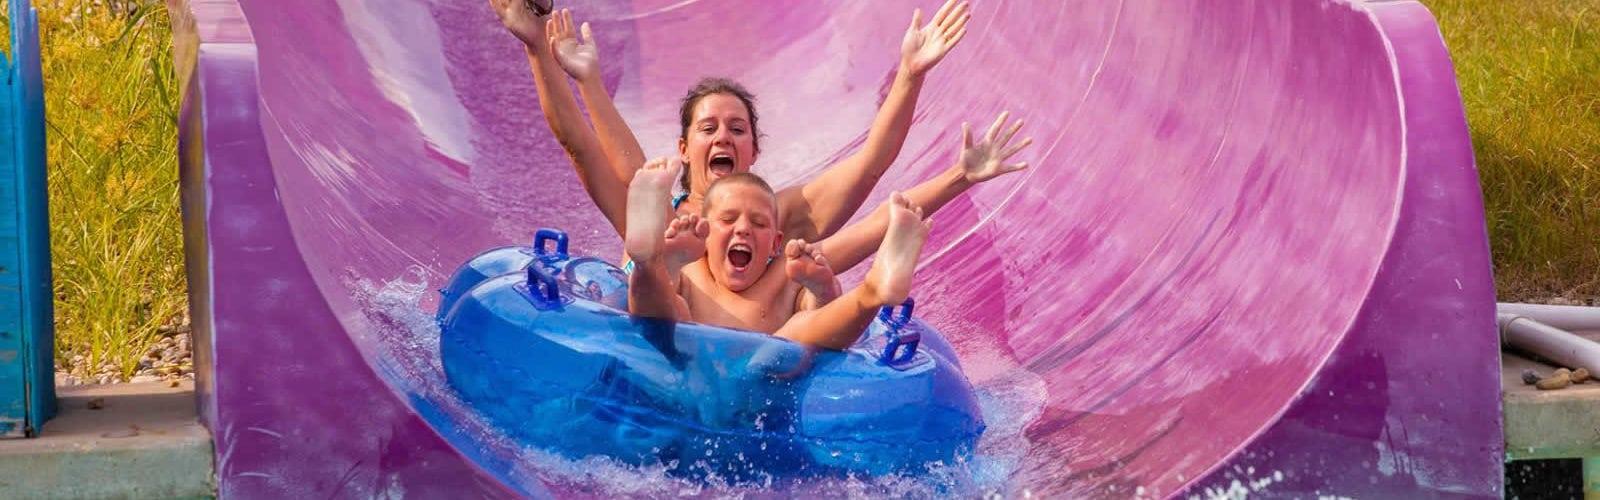 parcs-aquatiques-piscines-enfants-famille-une2